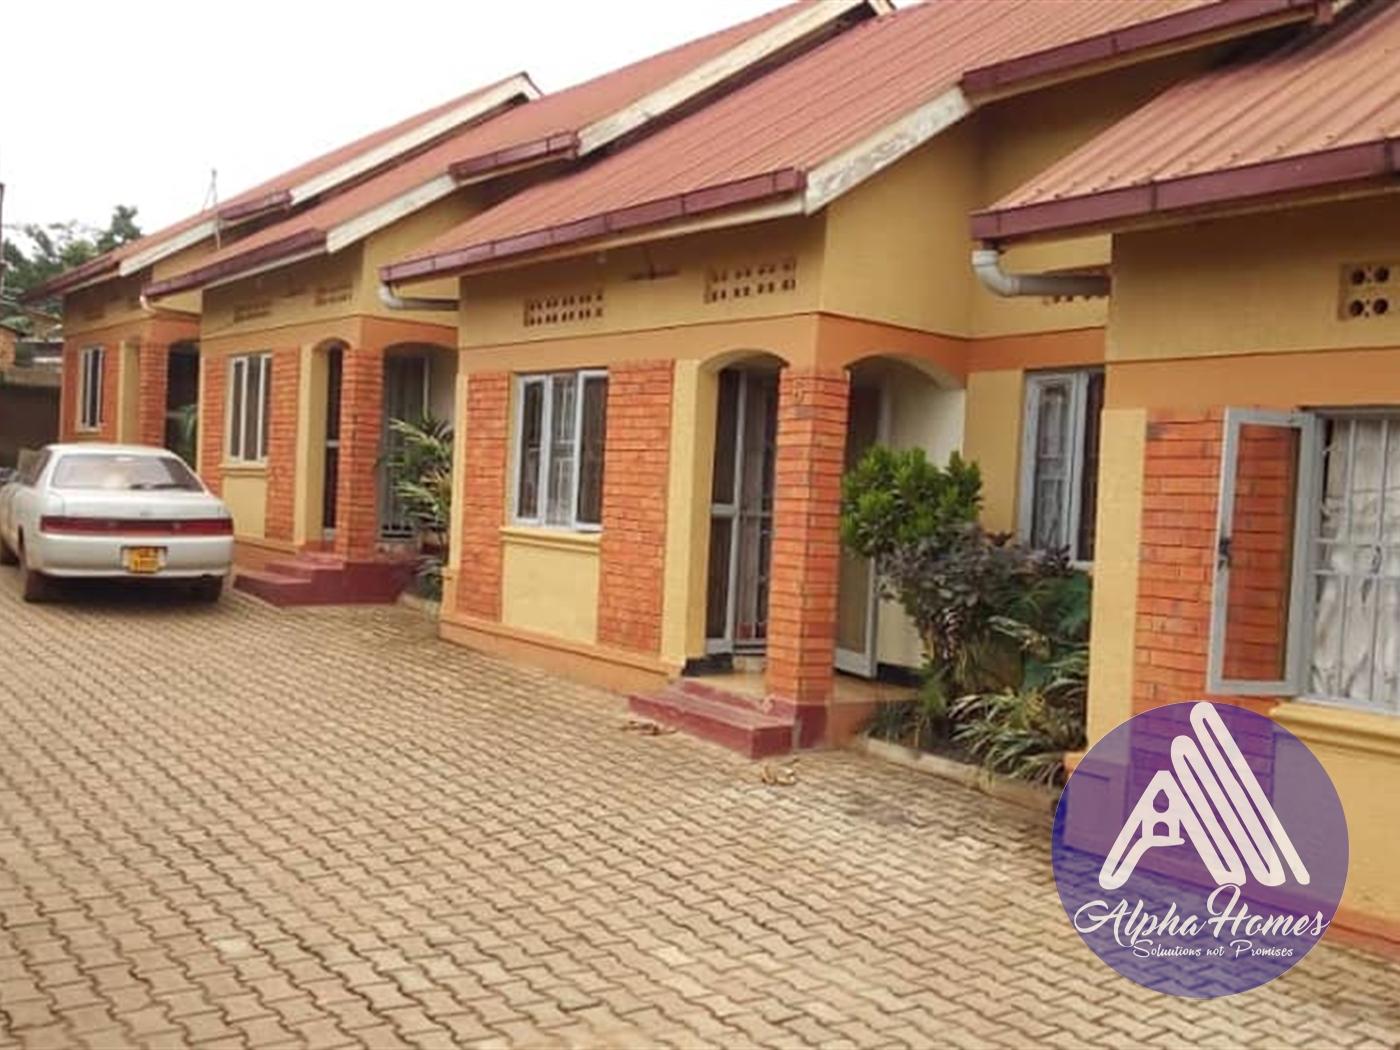 Apartment for sale in Namugongo Kampala